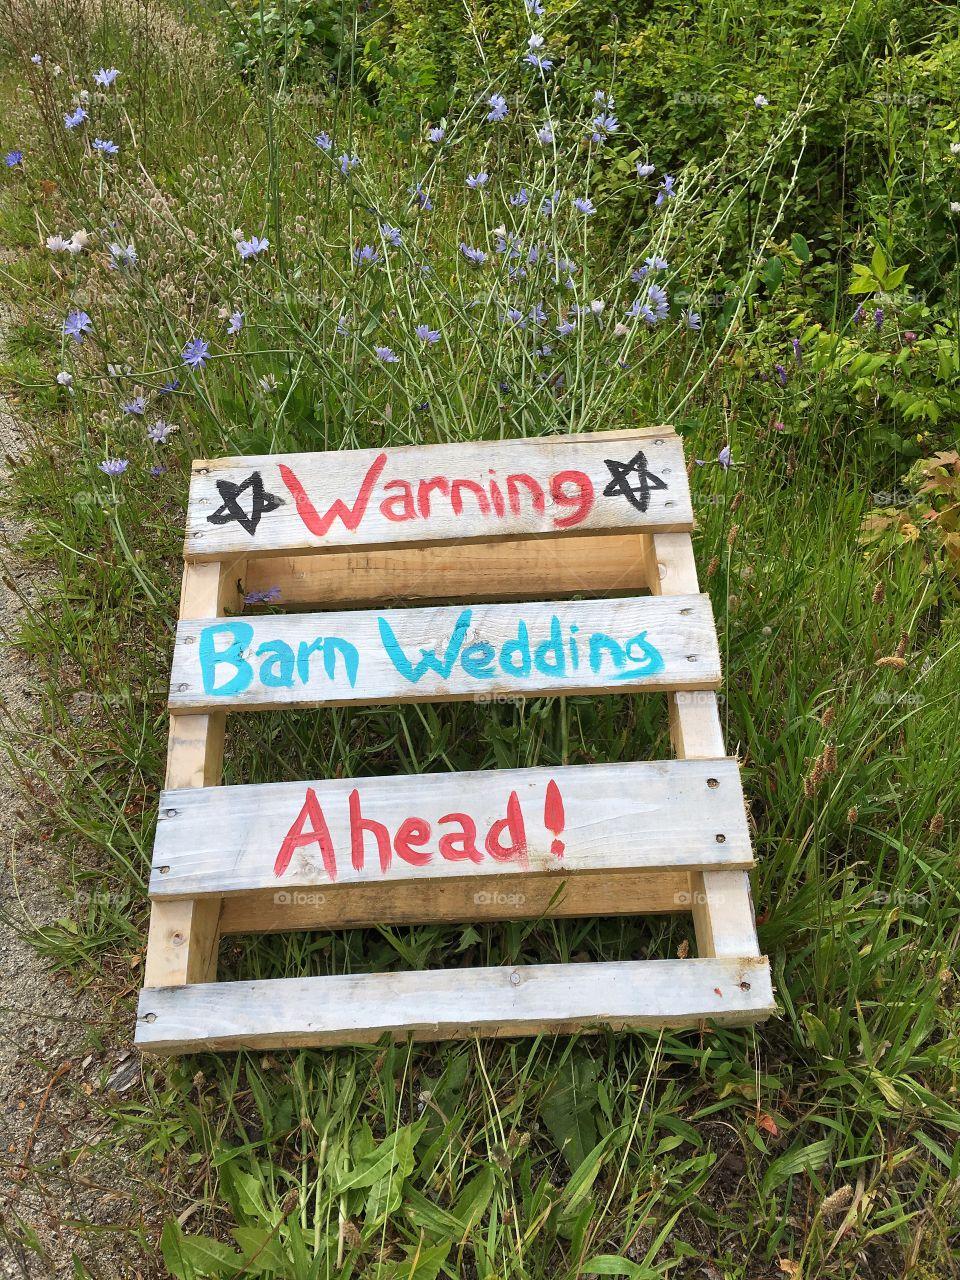 Warning. Barn wedding ahead